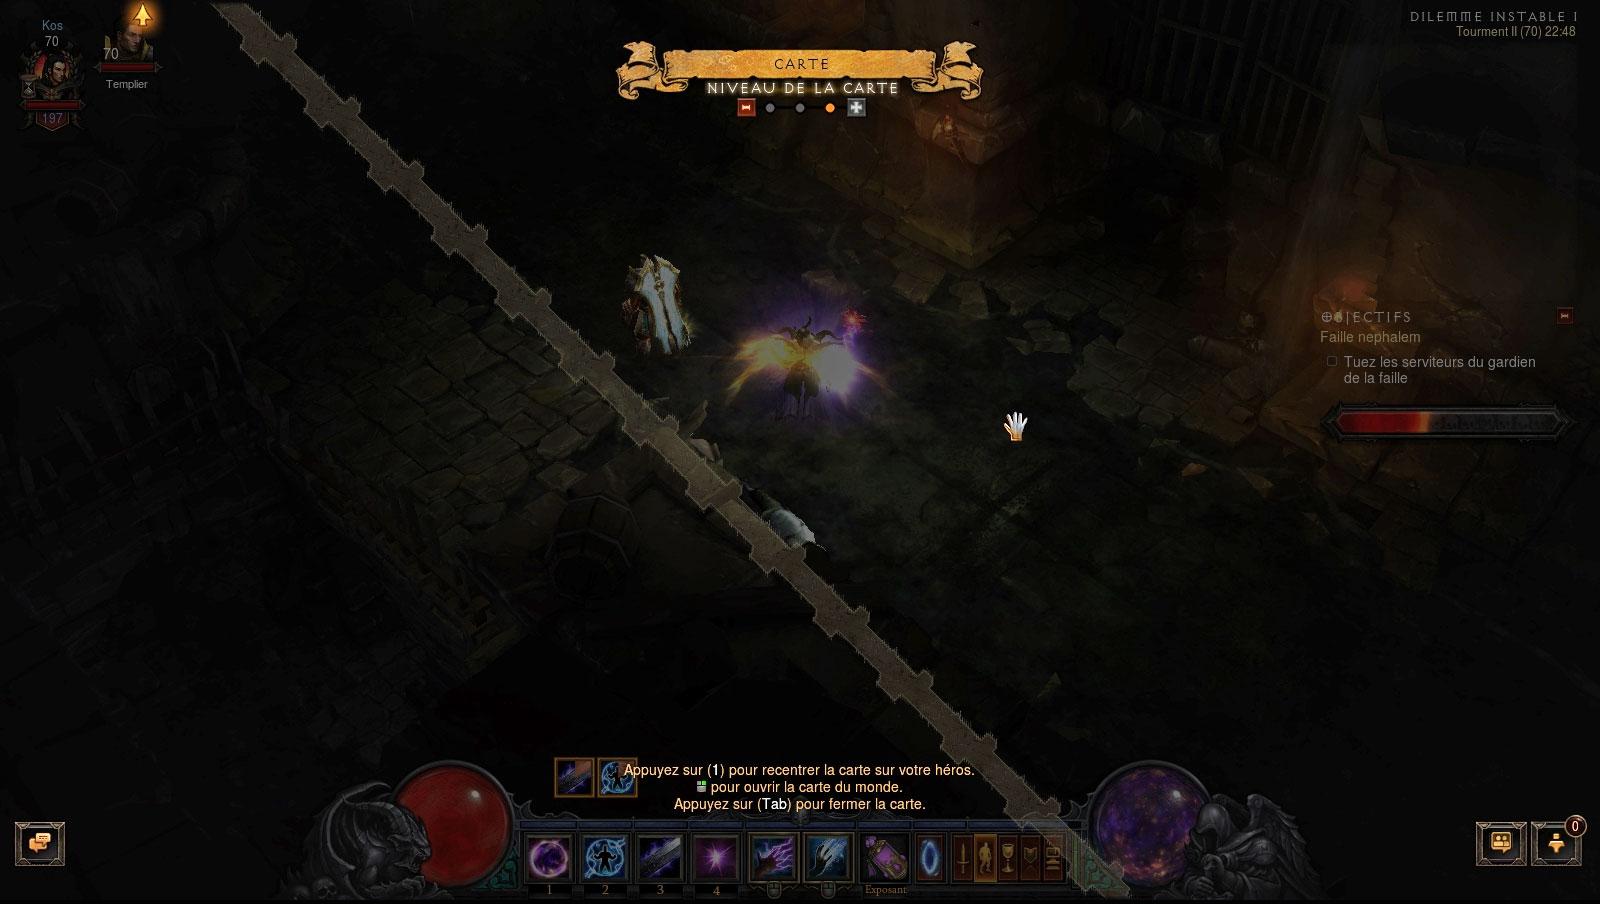 Screenshot réalisé par Kos.